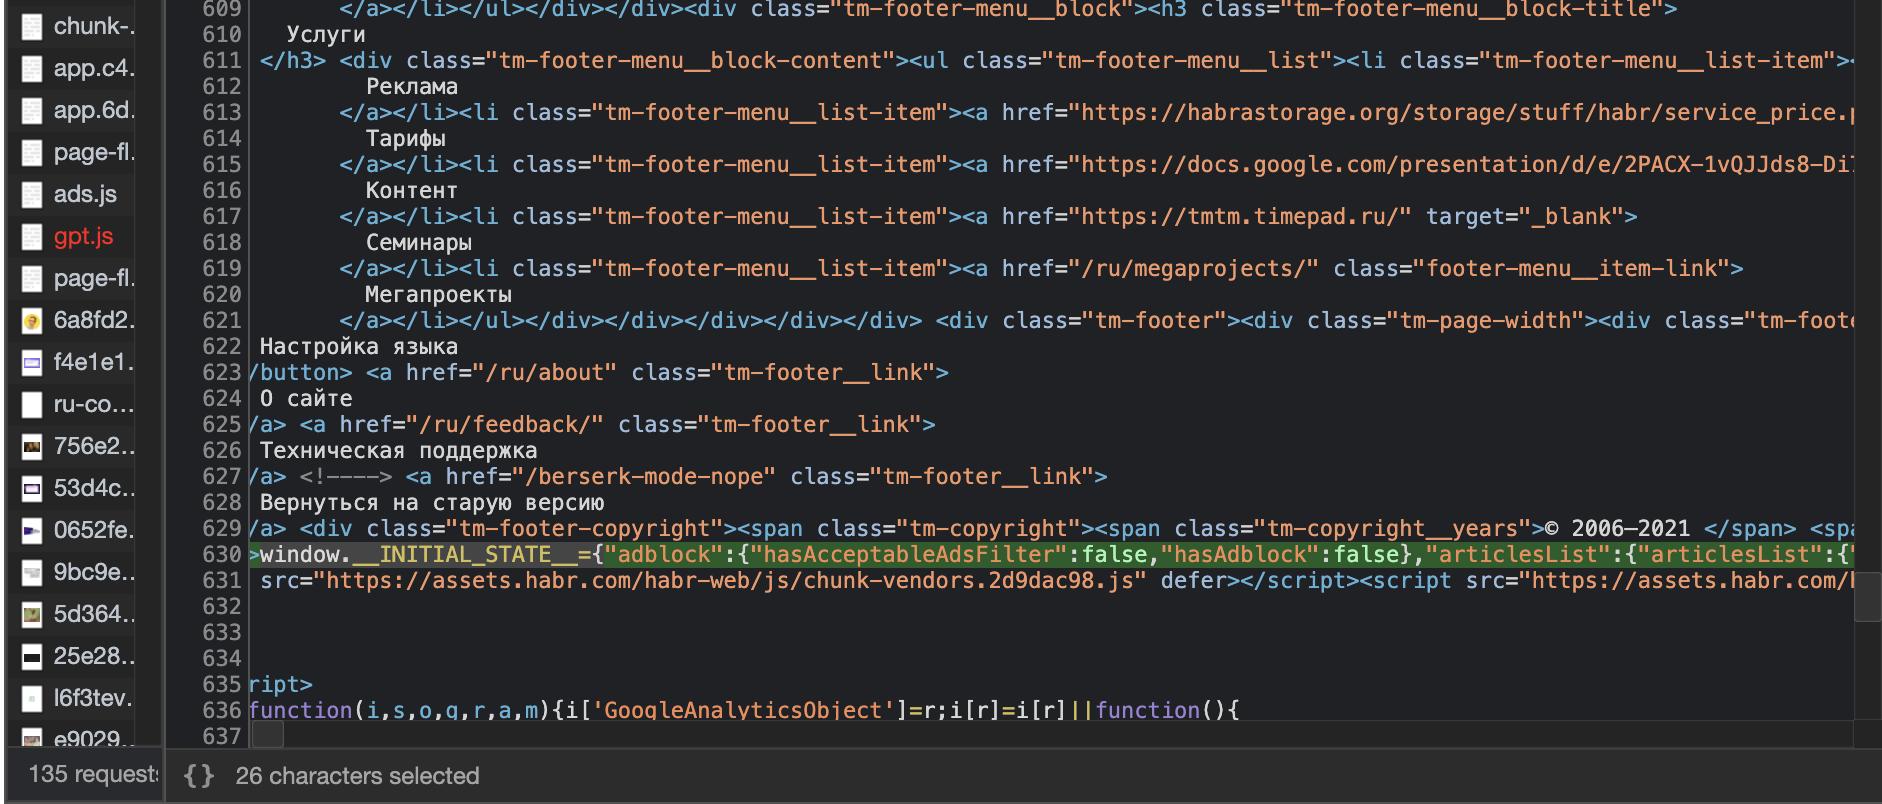 Красивый JSON на главной странице Habr.com. Почти официальный API! Надеюсь, меня не забанят.